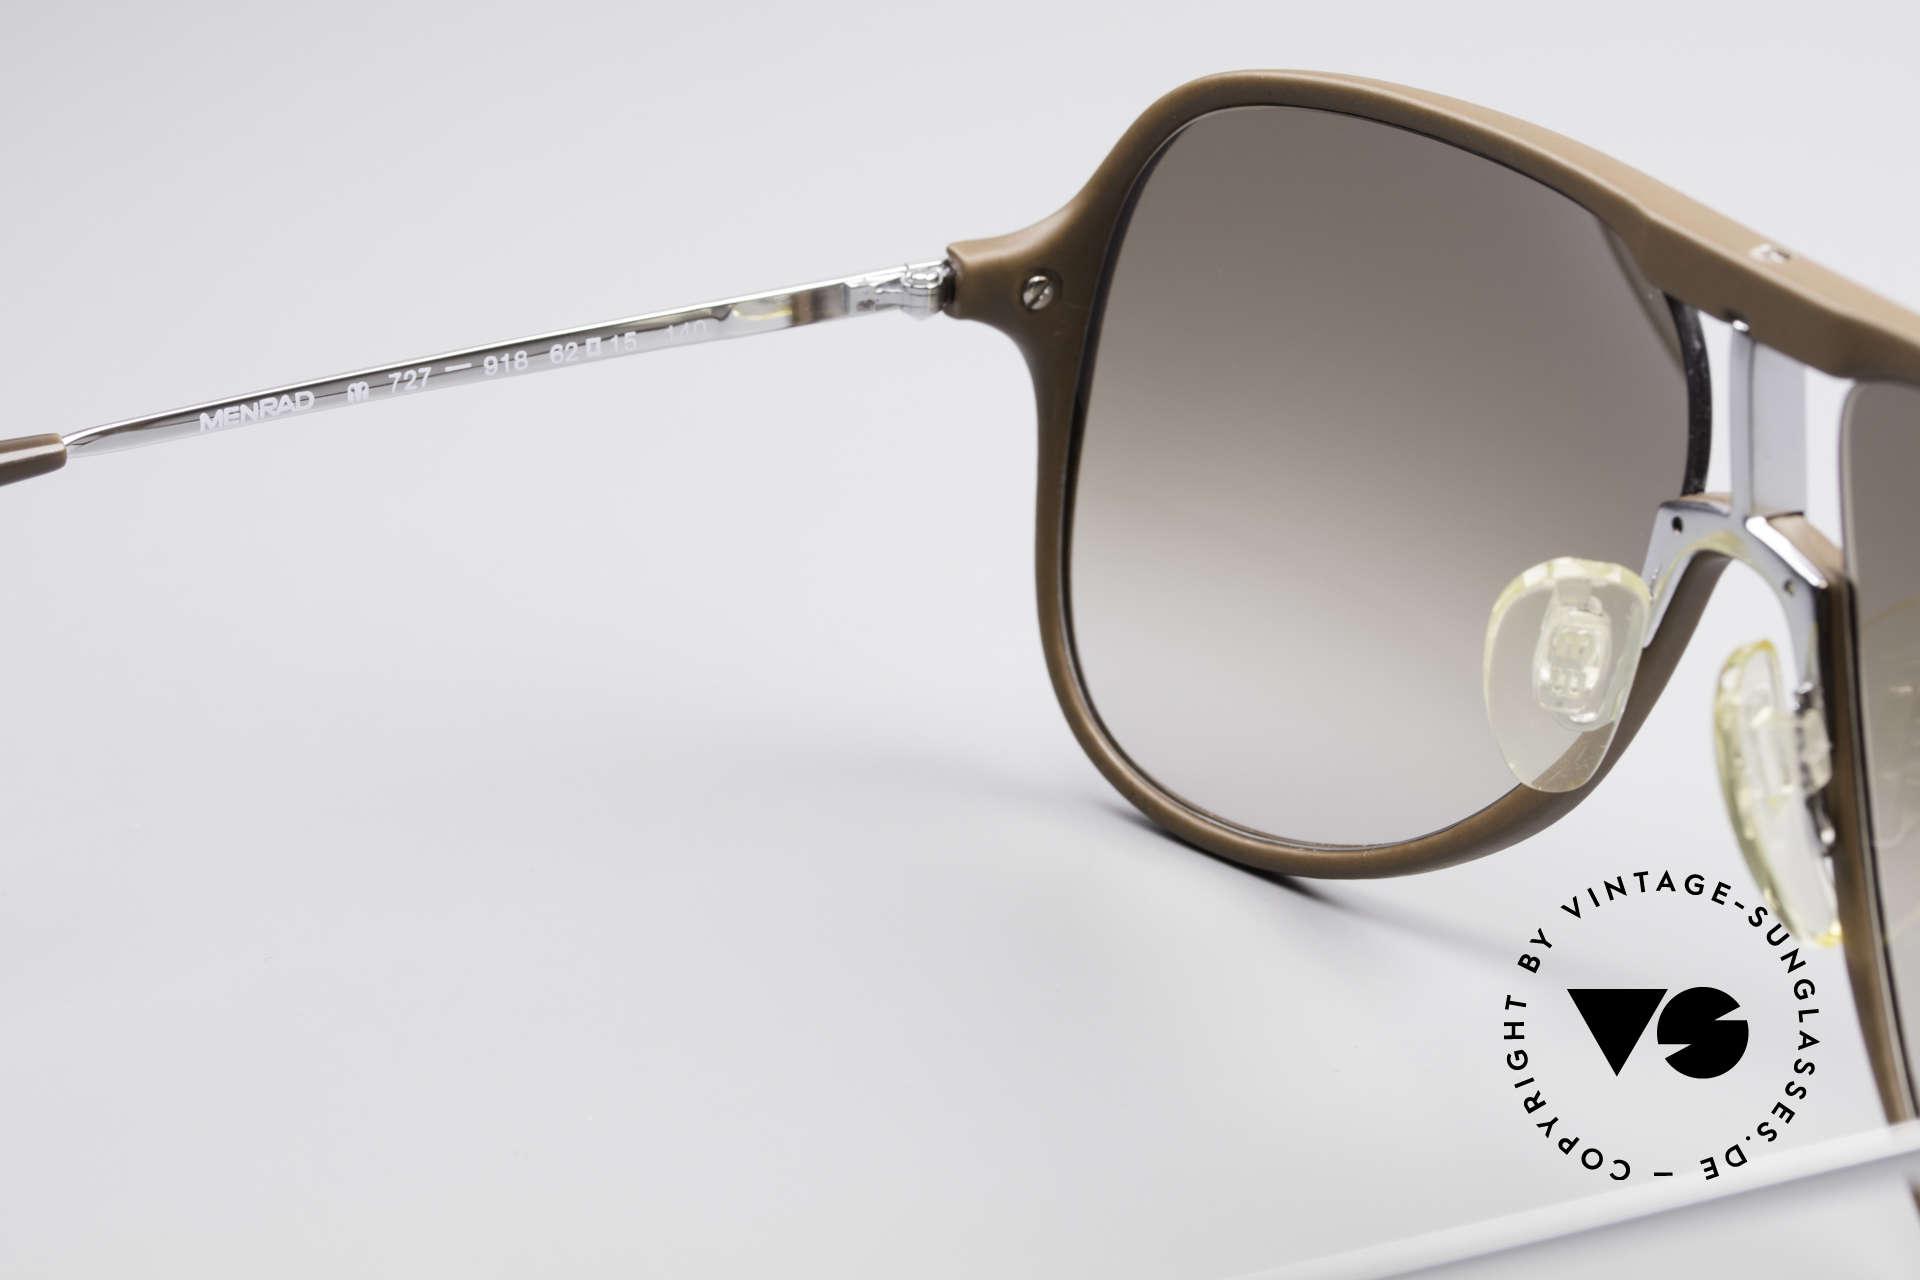 Menrad 727 80er Sonnenbrille Herren, Lieferung in einem neuen Hart-Etui von DonnaKaran, Passend für Herren